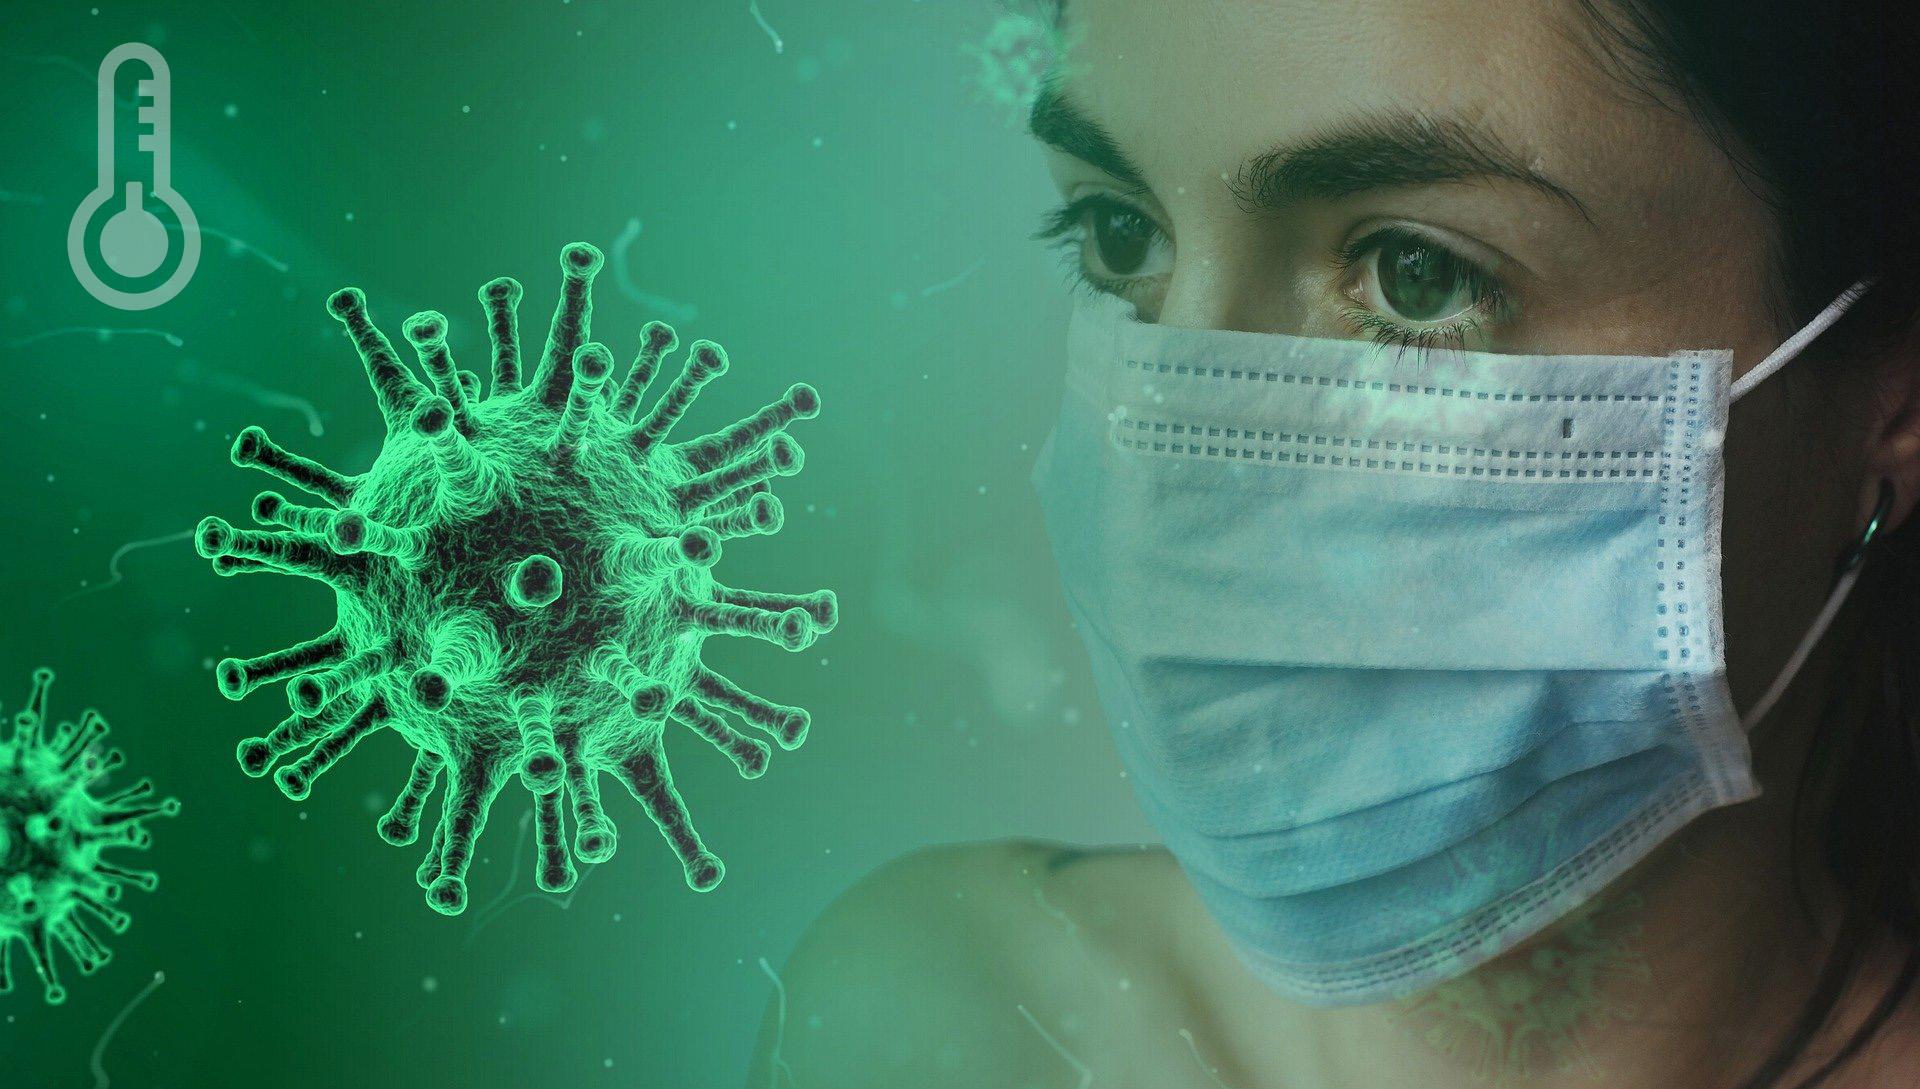 Proč je chřípka rozšířenější v zimě a platí to i pro koronavirus?10 min čtení